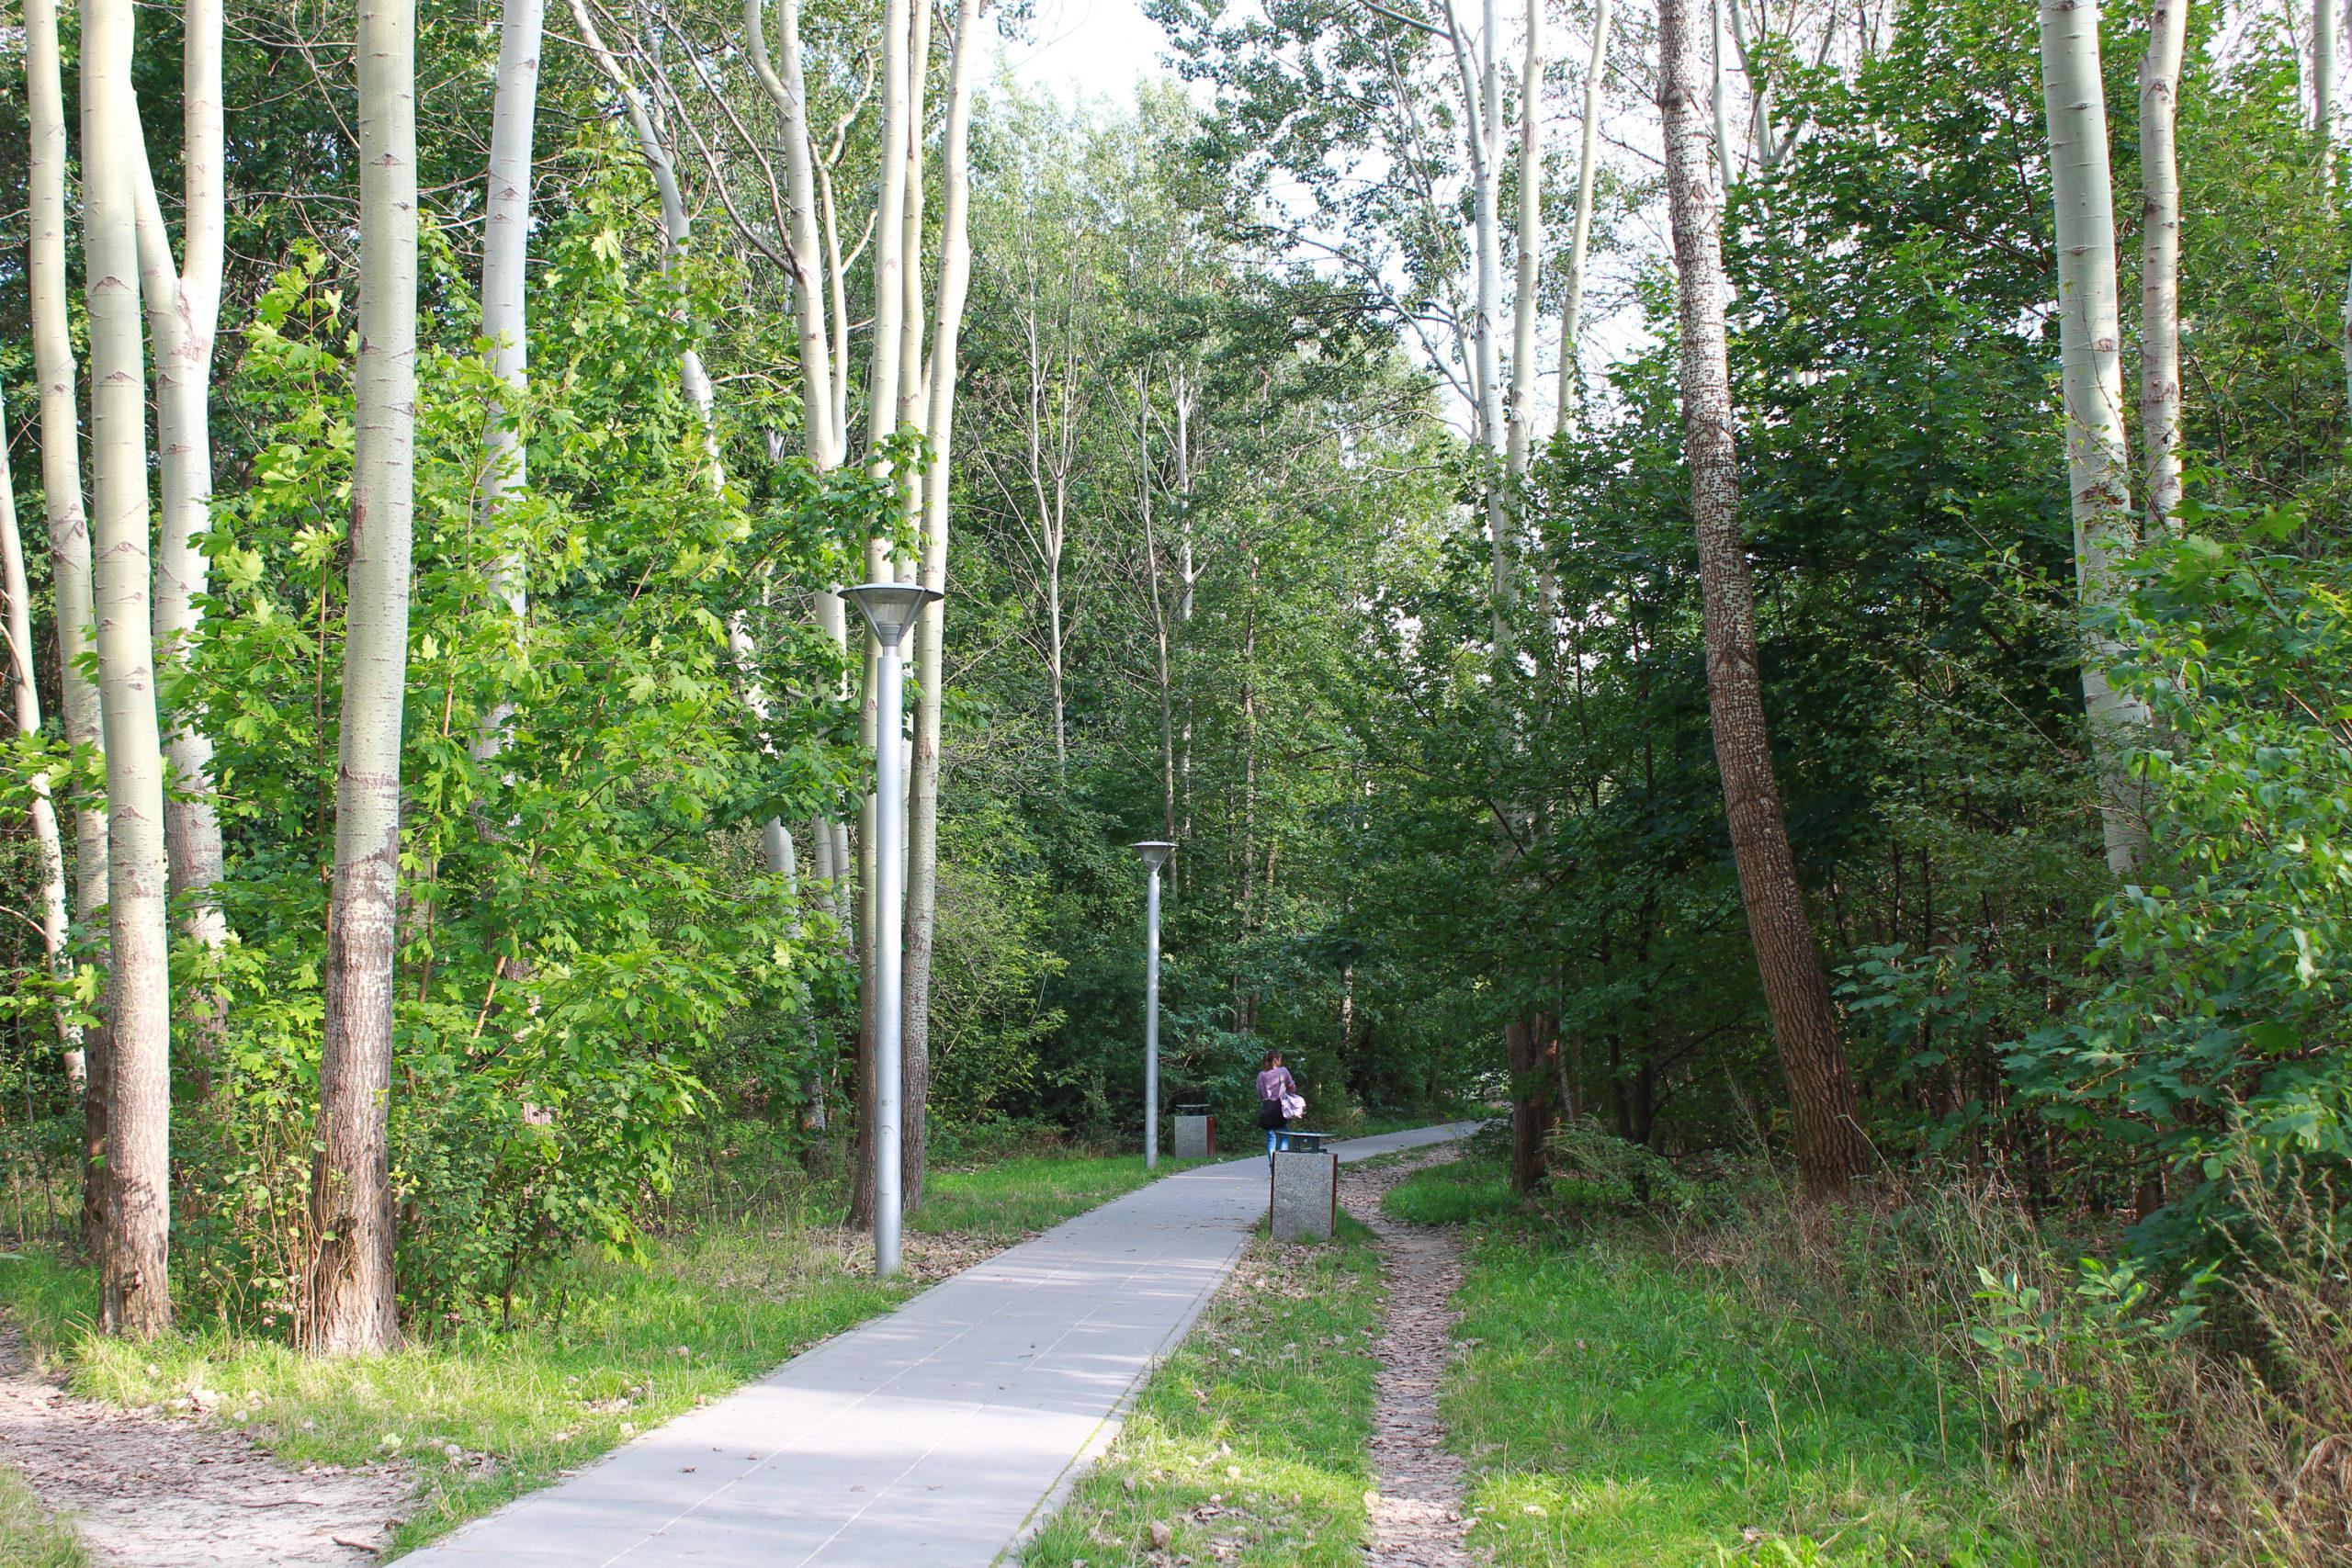 ścieżka wśród wysokich drzew